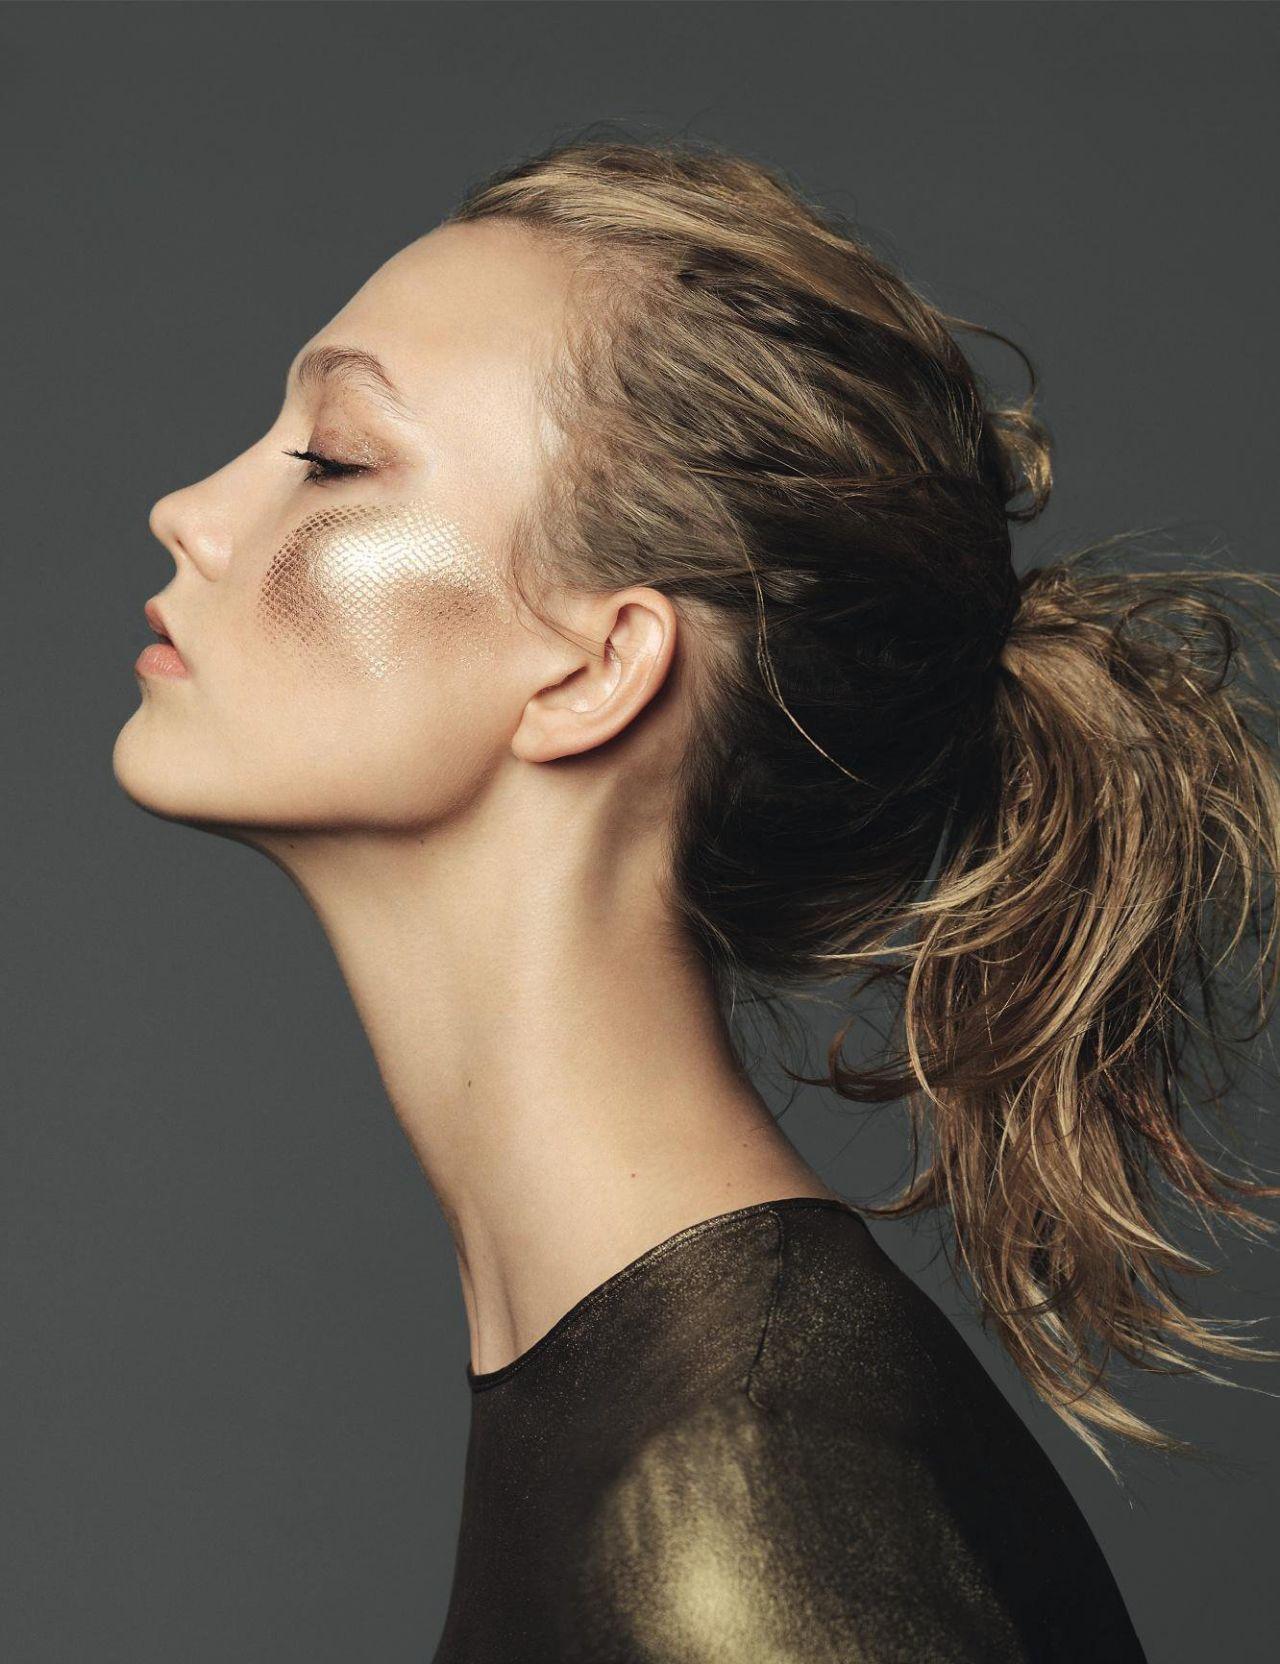 karlie-kloss-elle-magazine-france-december-2014-issue_7